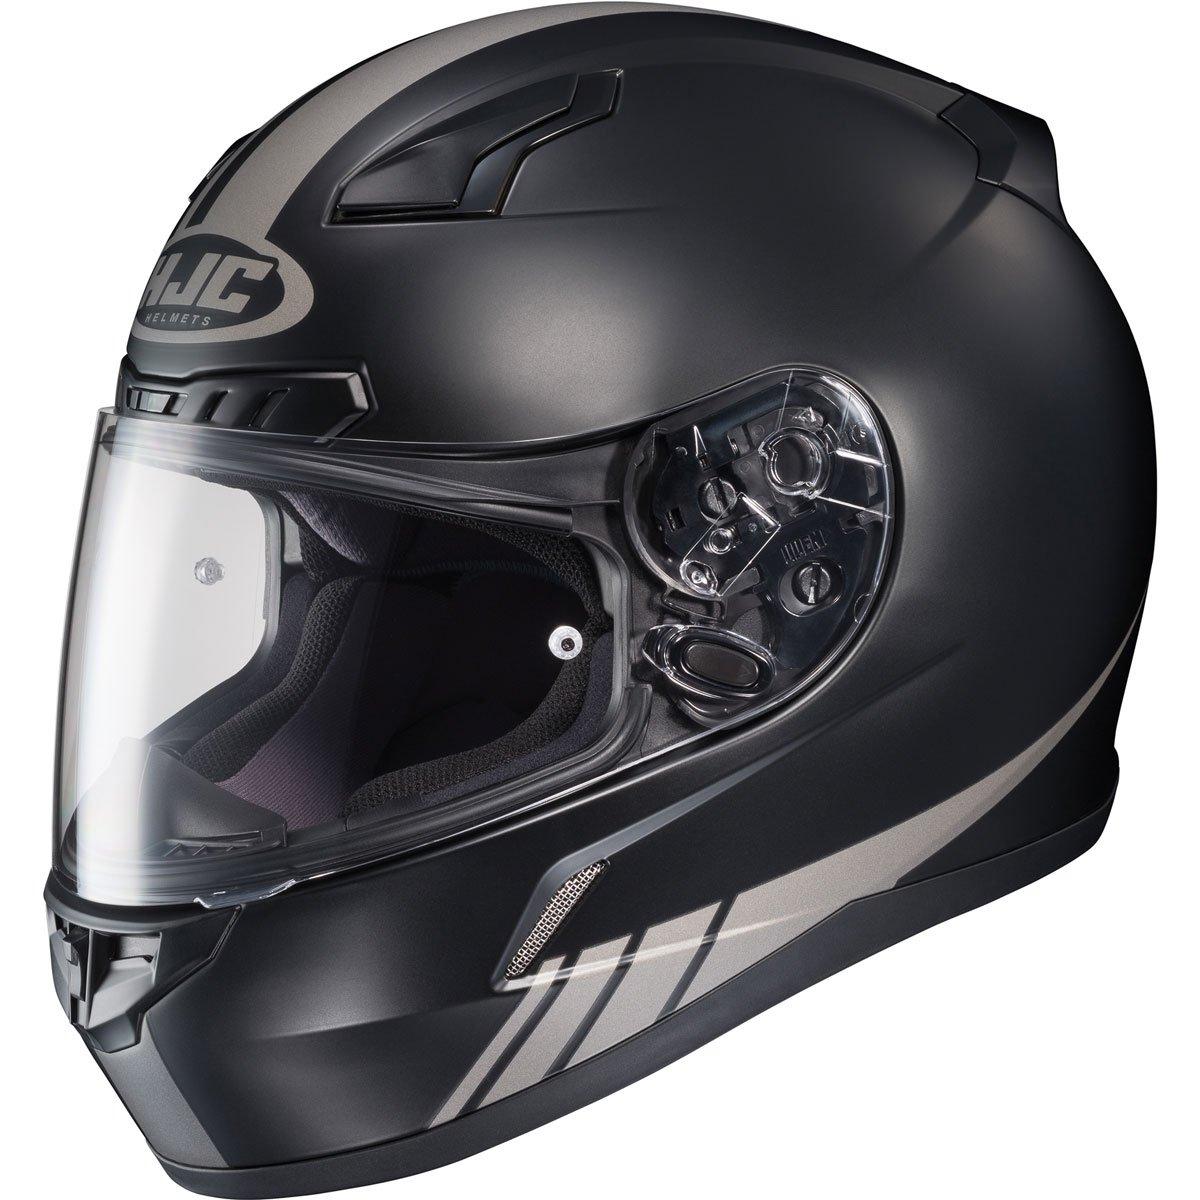 HJC Streamline Men's CL-17 Sports Bike Motorcycle Helmet - MC-5GF / Large